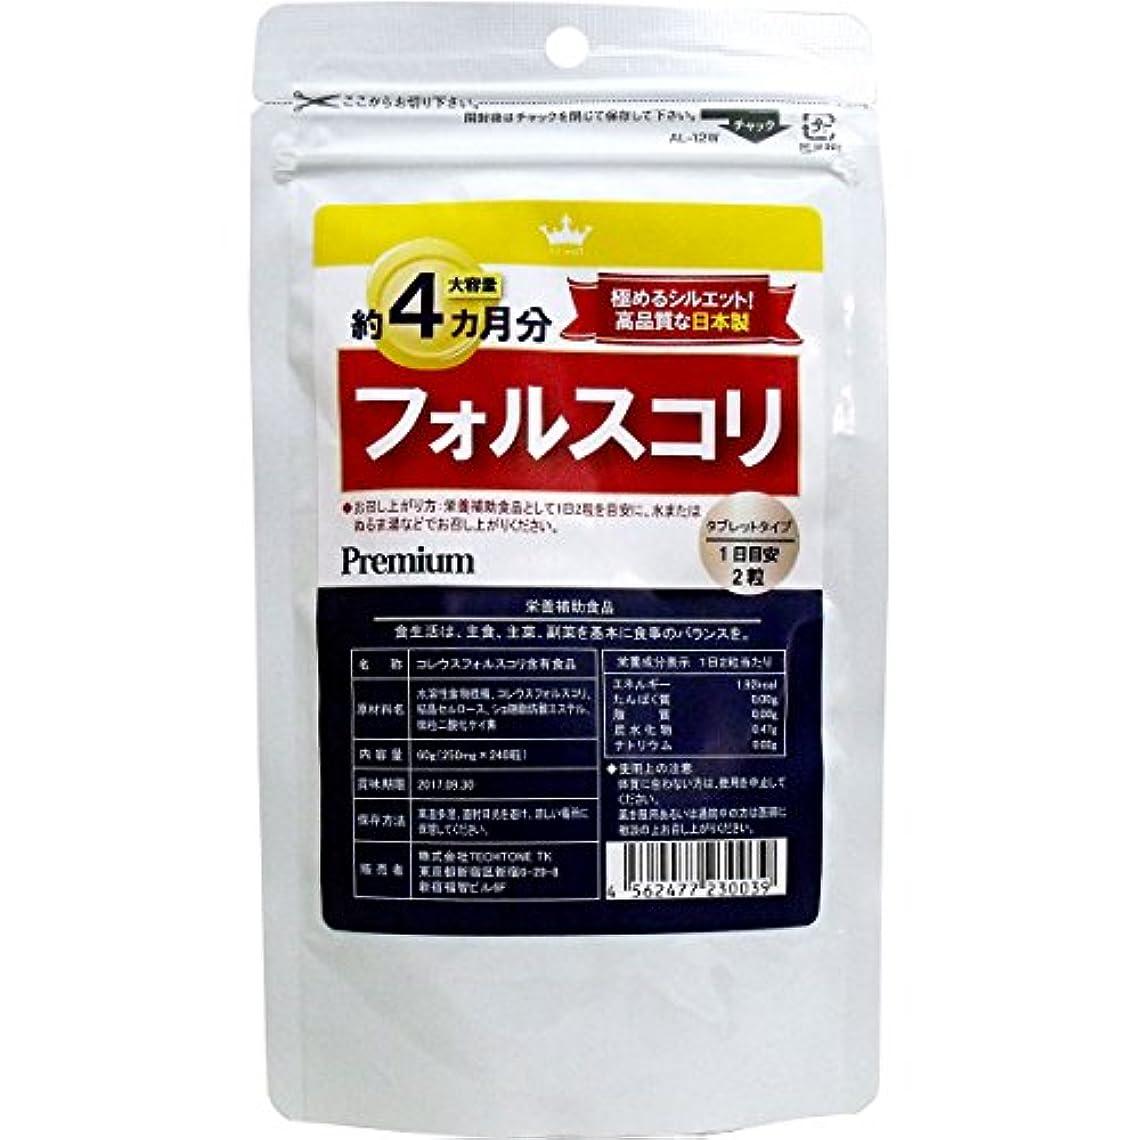 匿名したがって資金サプリメント 高品質な日本製 健康食品 フォルスコリ 約4カ月分 240粒入【2個セット】